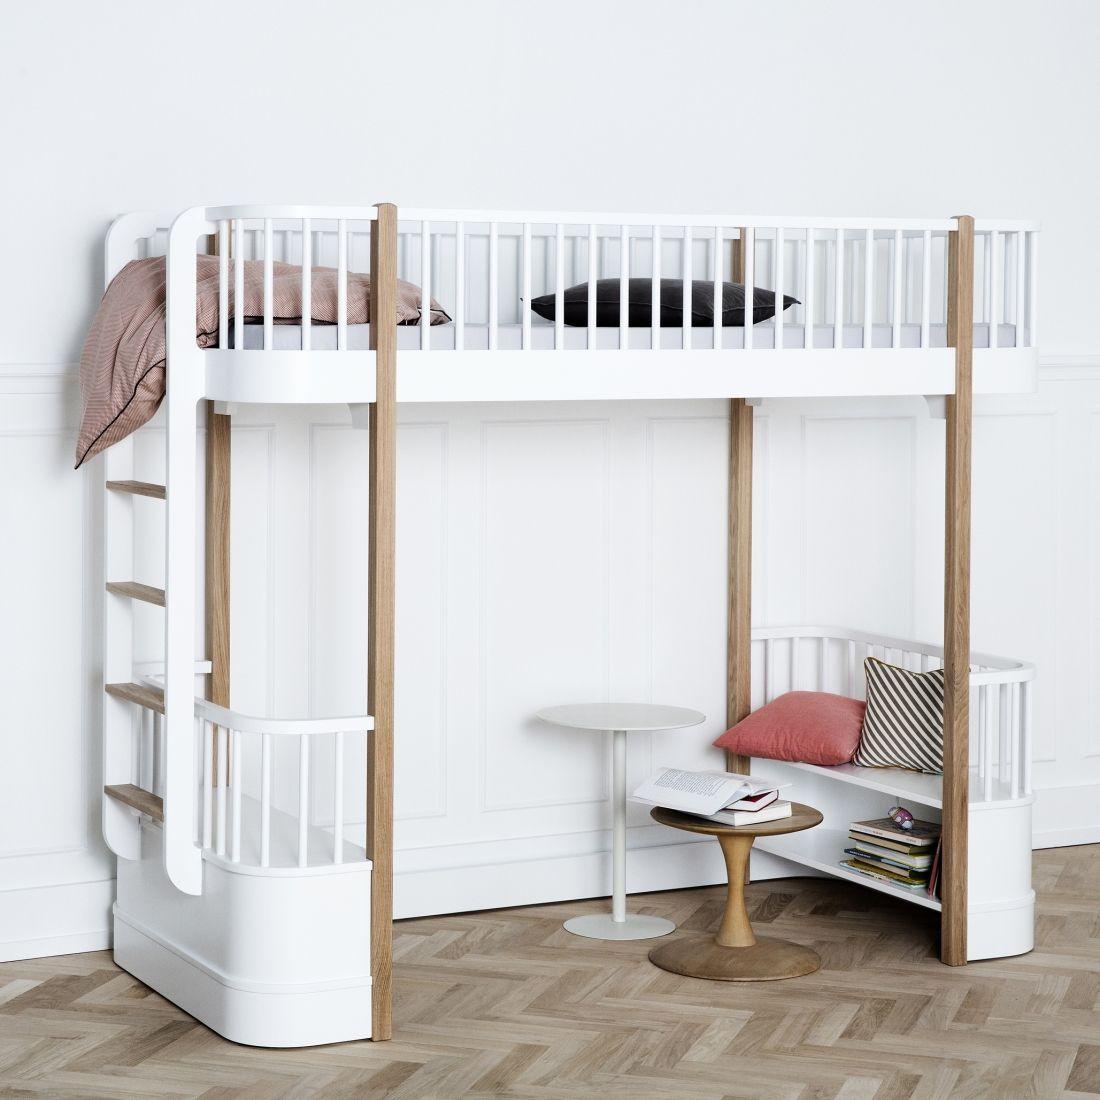 Oliver Furniture Kinder Hochbett U0027Woodu0027 Eiche/weiß 90x200cm   Im  Fantasyroom Shop Online Bestellen Oder Im Ladengeschäft In Lörrach Kaufen.